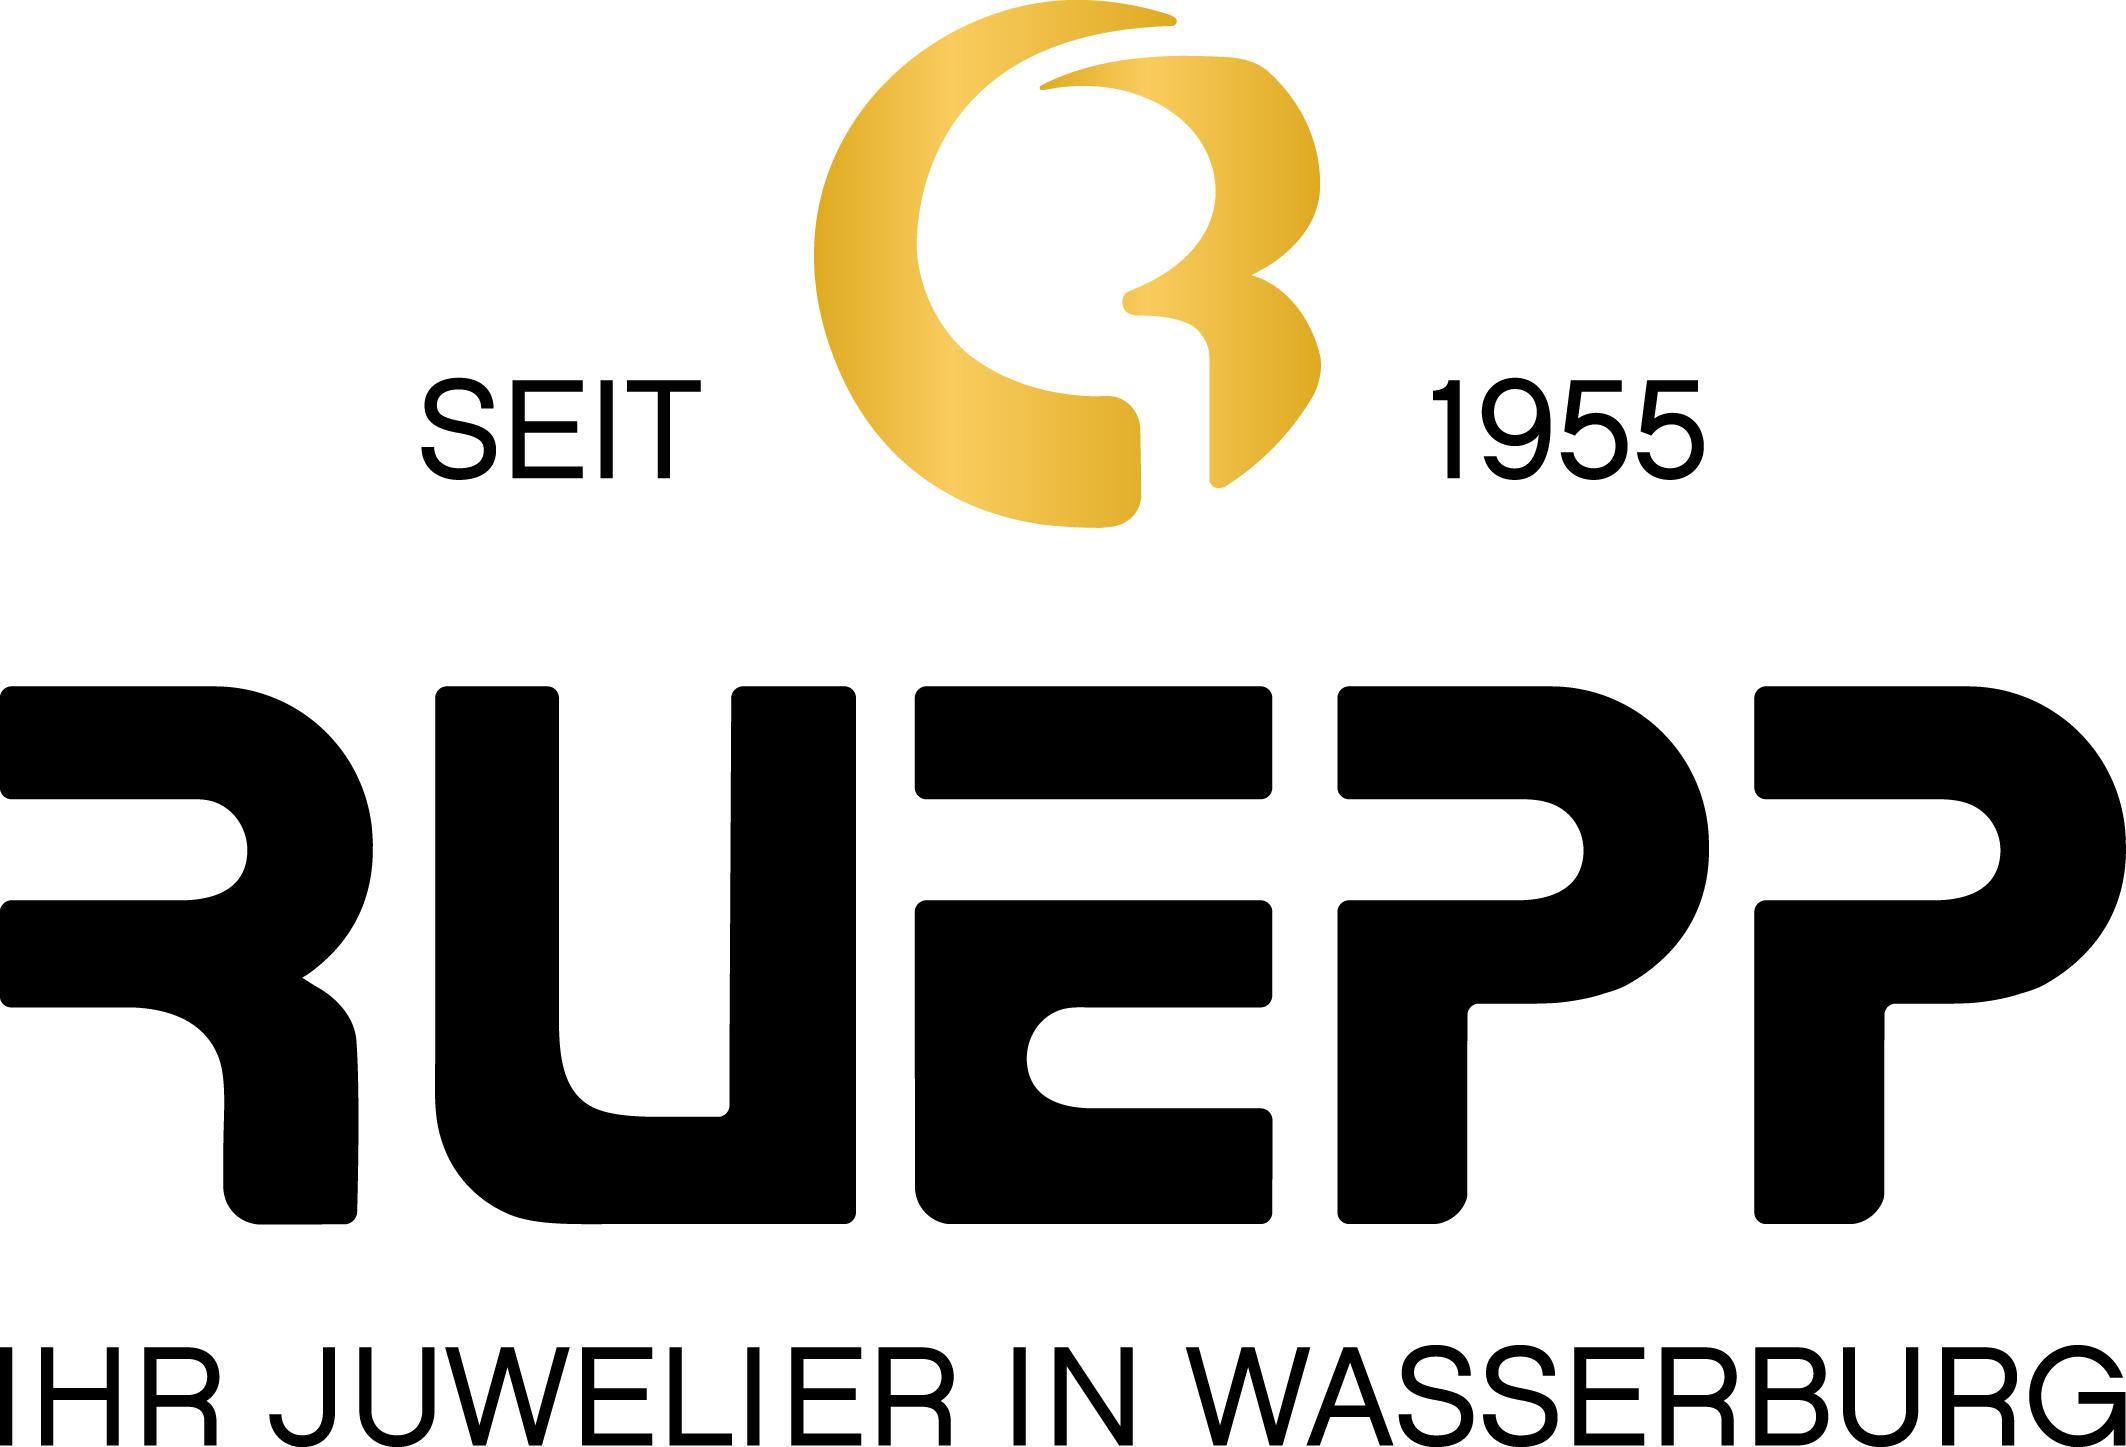 Juwelier Ruepp